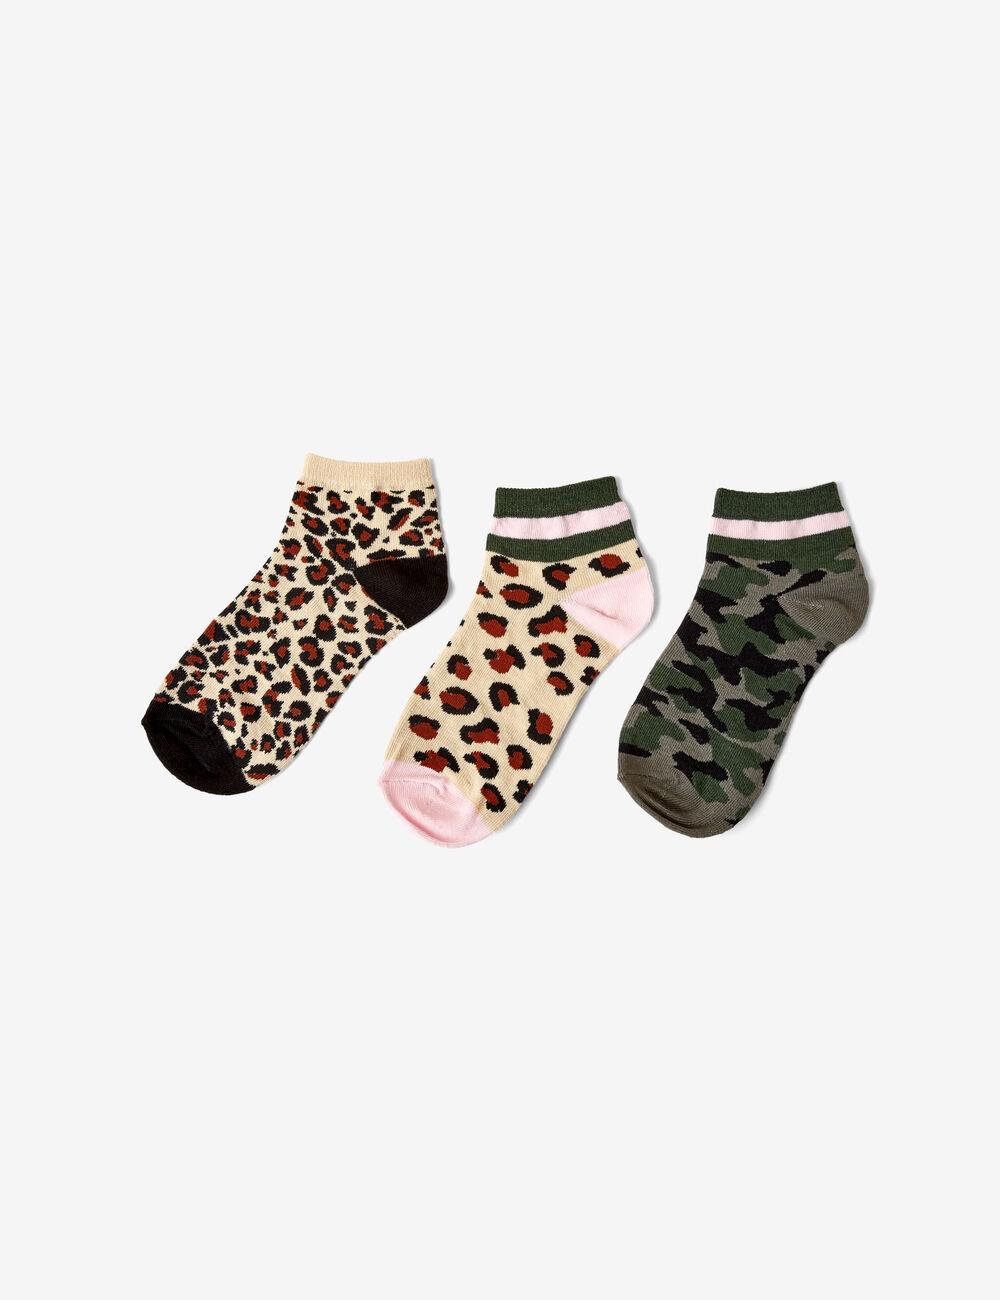 ebe65f7fa37 Chaussettes léopard et camou beiges